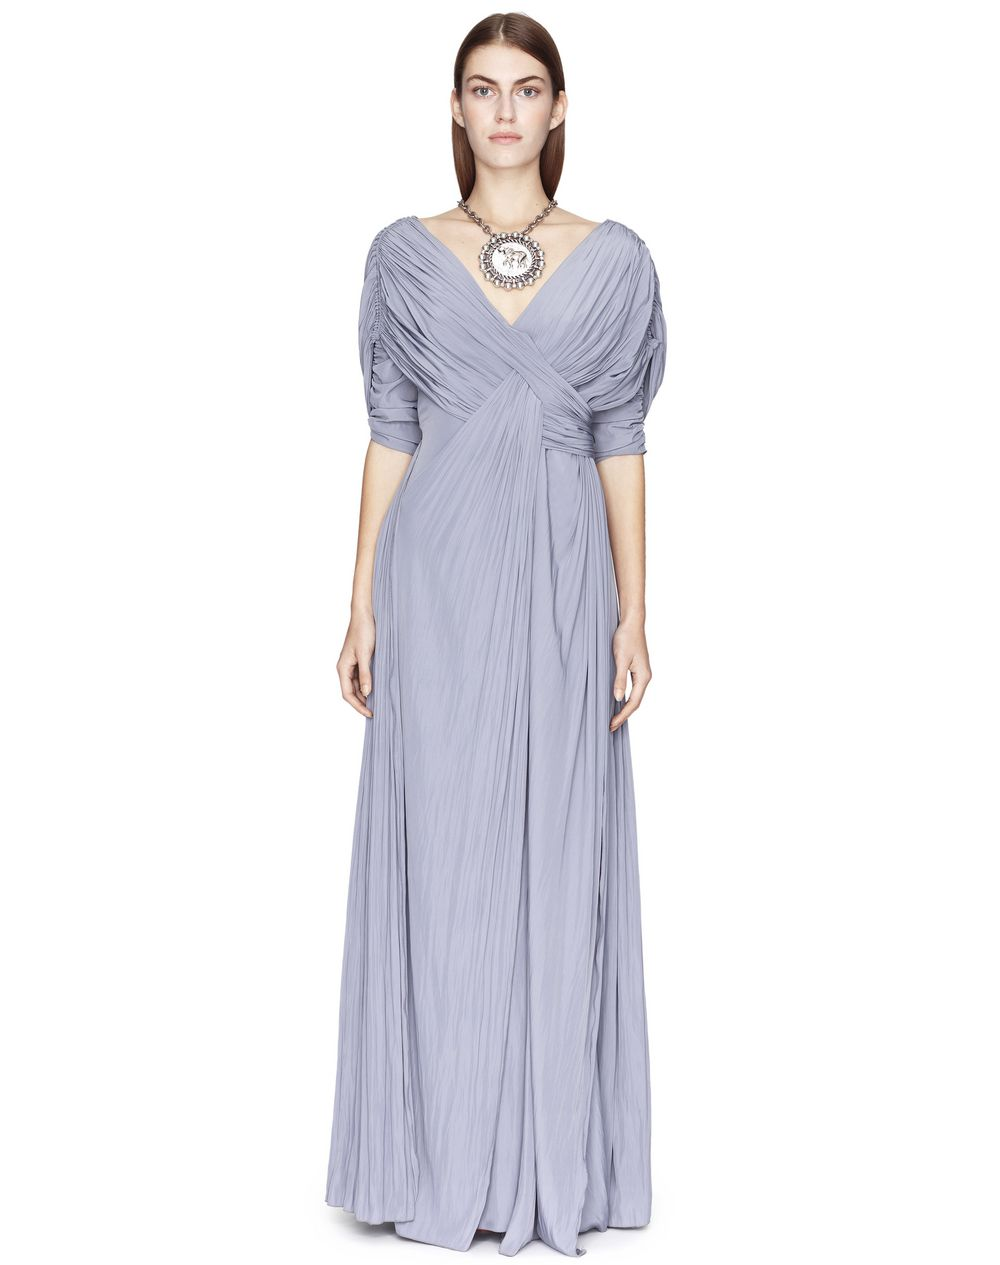 Robe longue en soie tissée de couleur béton Lanvin – Prix €2 490